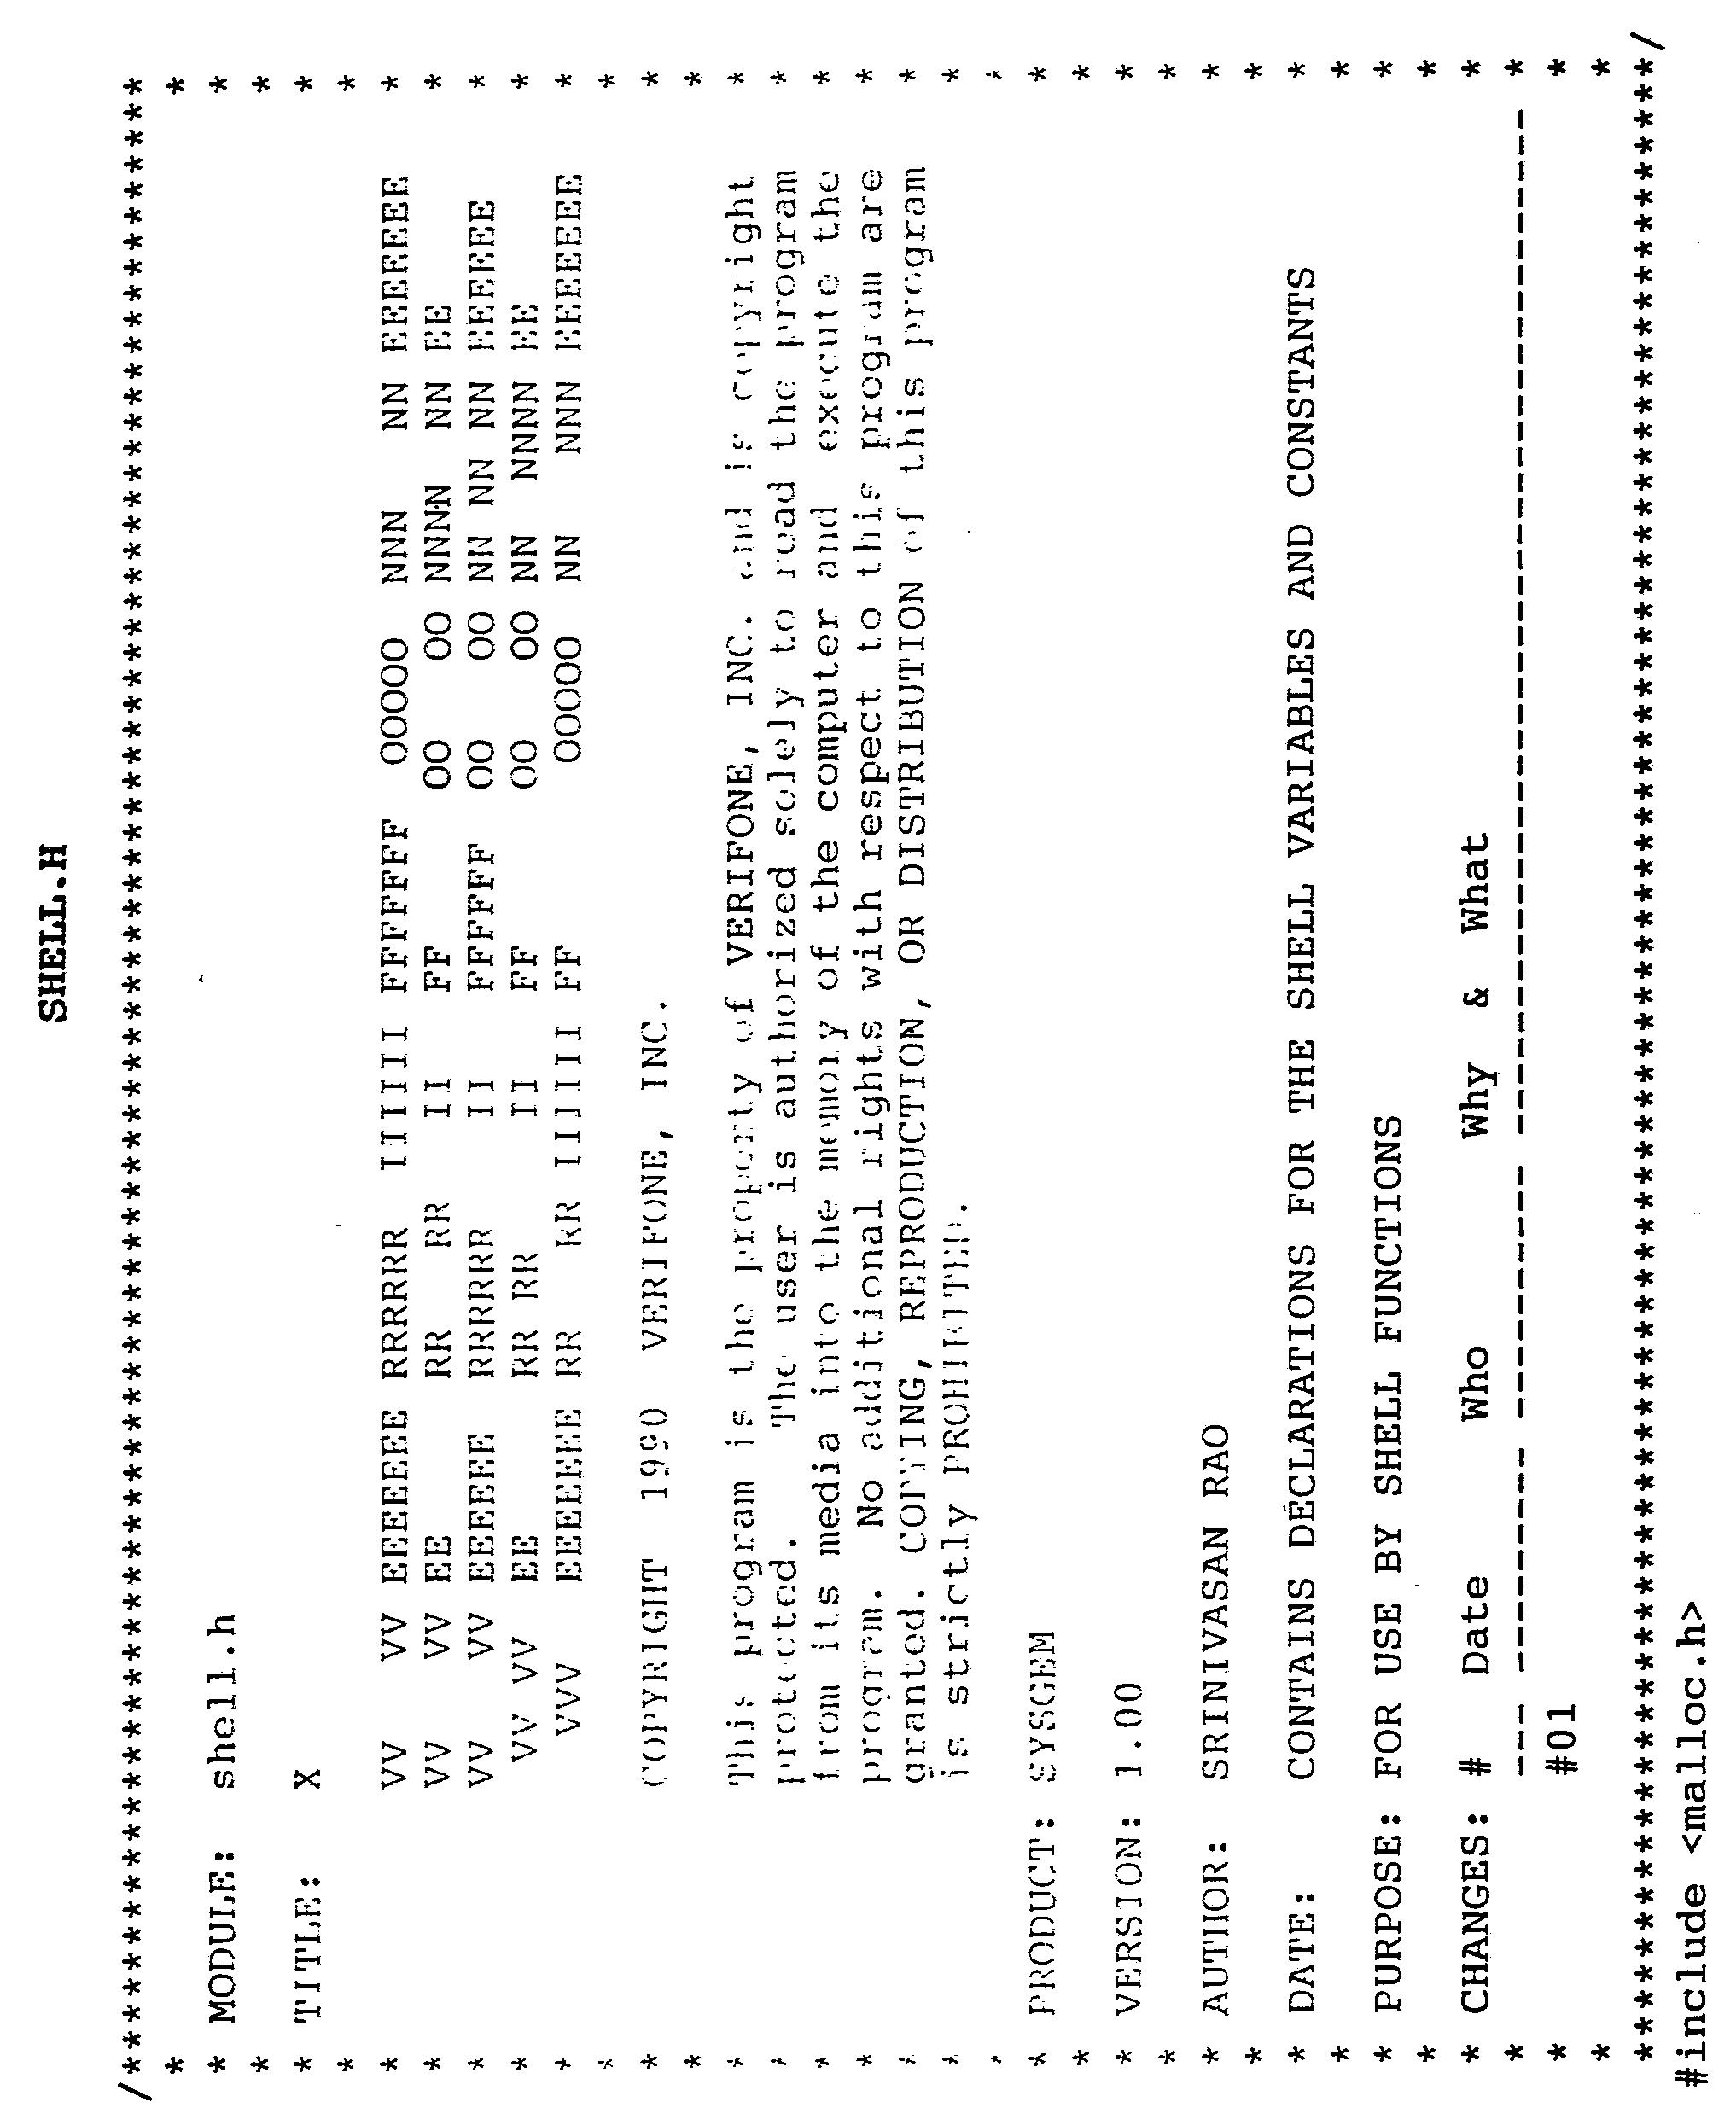 Figure imgf000232_0001